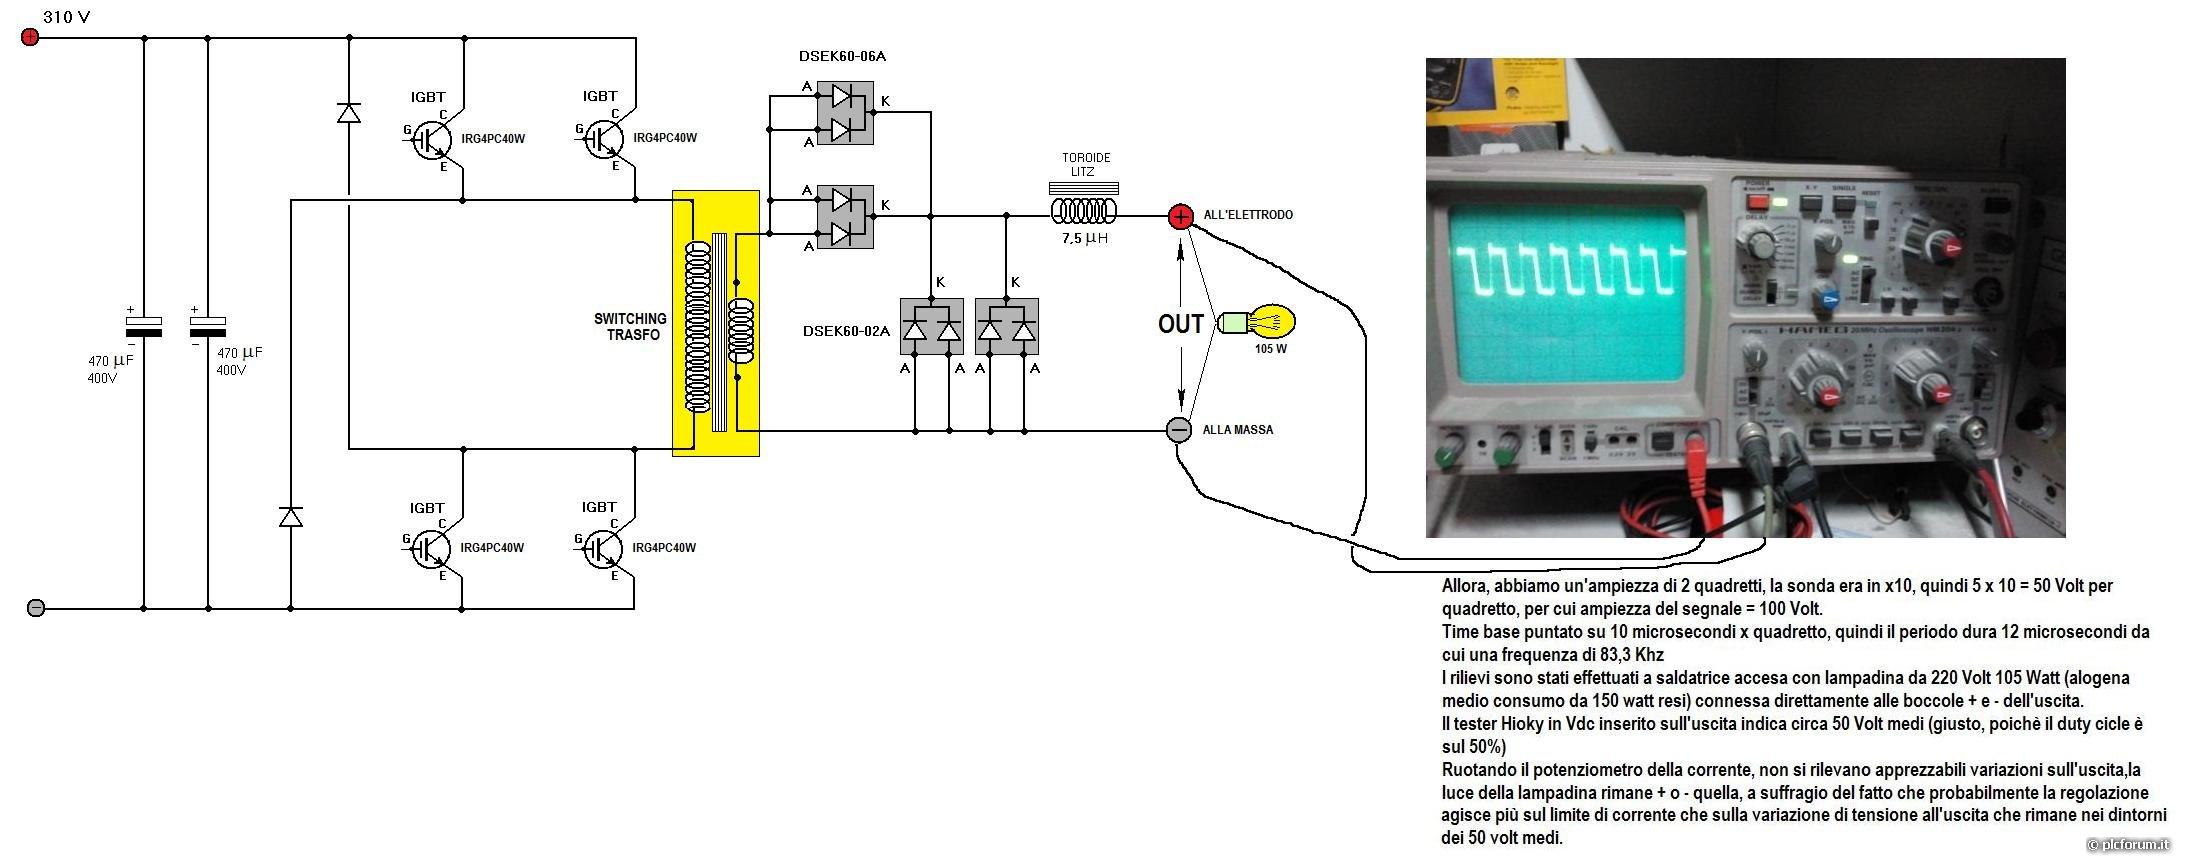 Schema Elettrico Saldatrice Inverter Deca : Saldatrice cemont s g elettronica generica plc forum